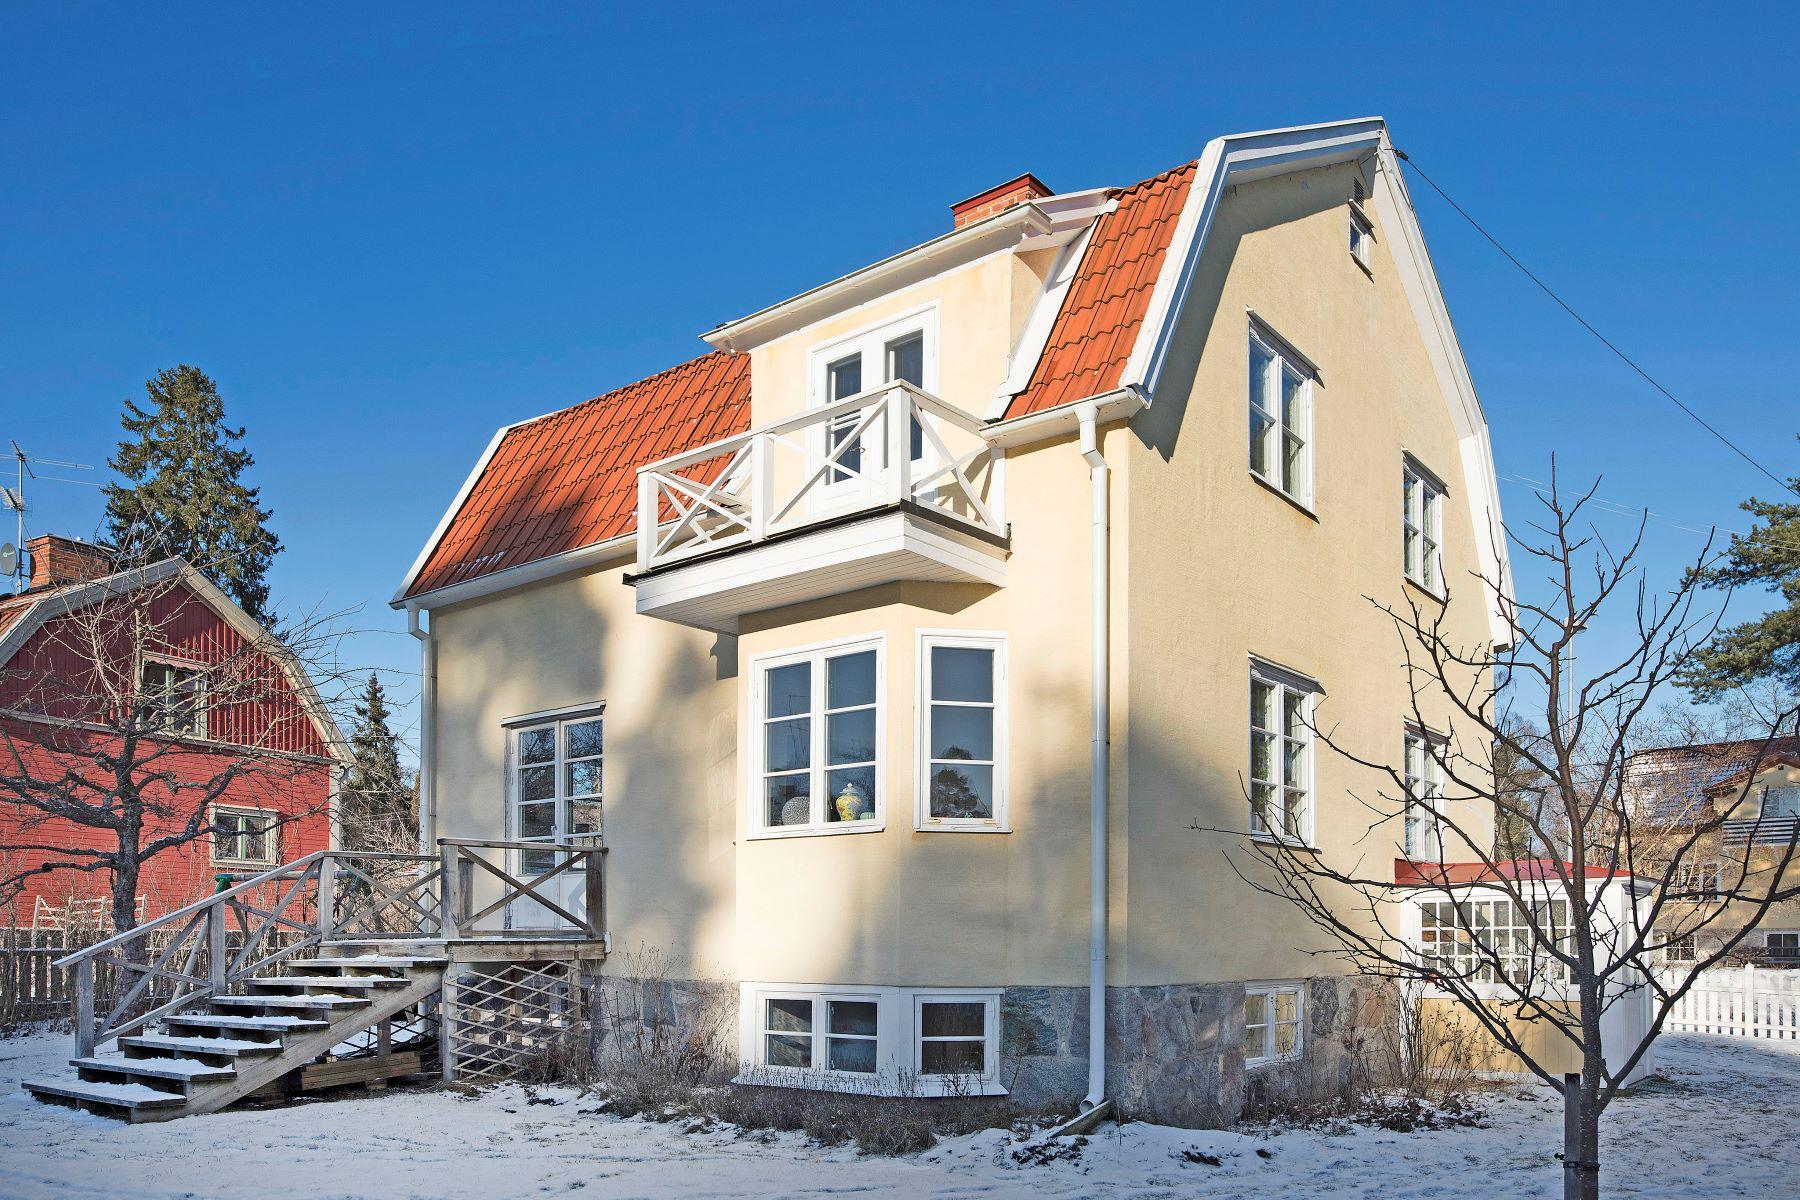 独户住宅 为 销售 在 Fylgiavägen 11 于什霍尔姆, 斯德哥尔摩, 18254 瑞典